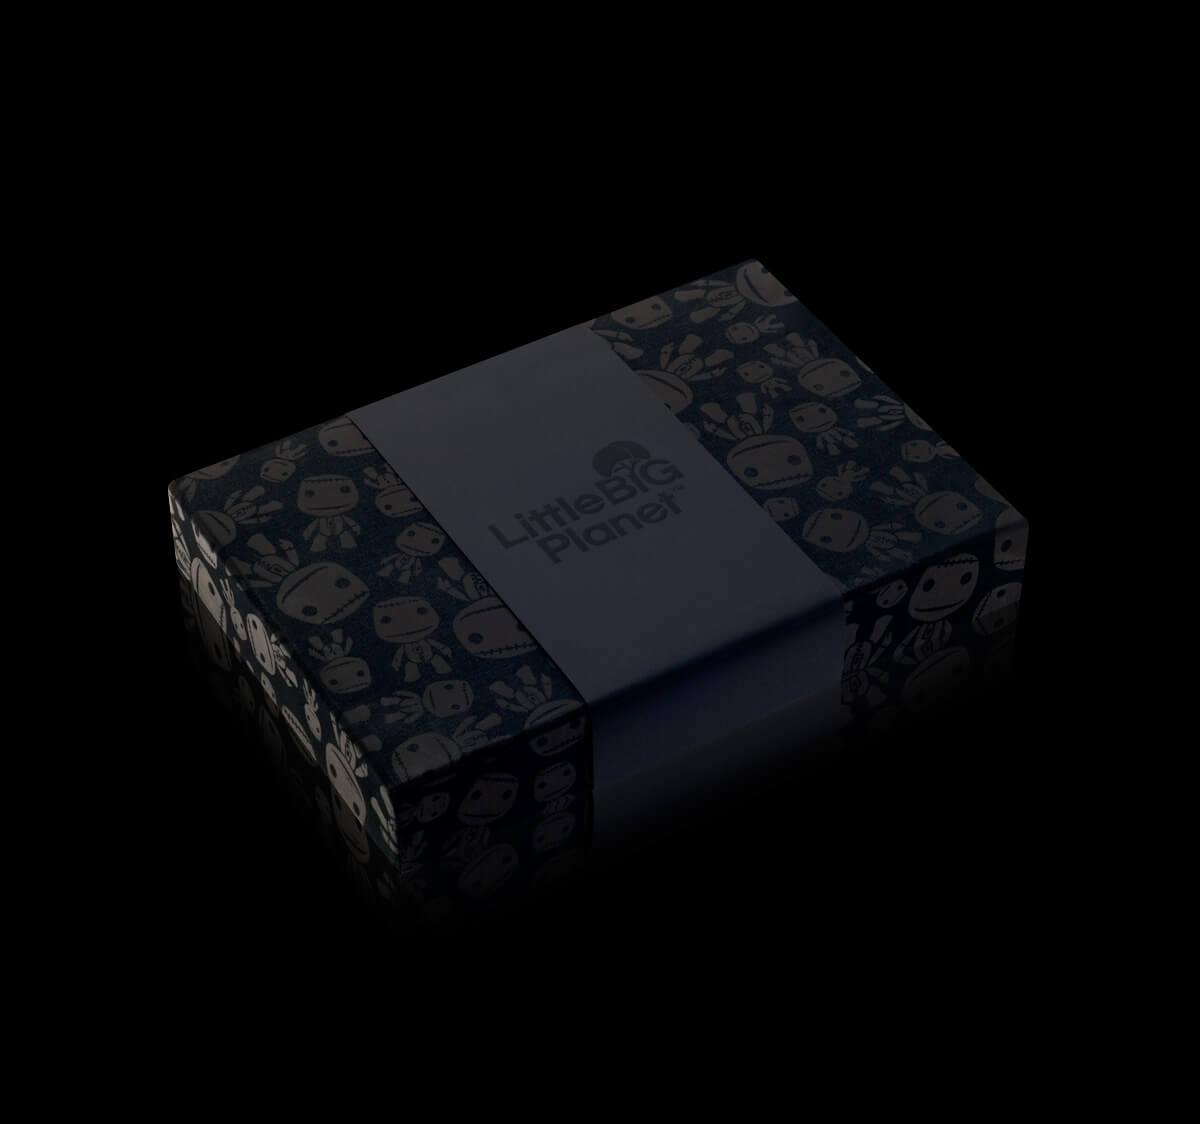 LittleBigPlanet Media Kit